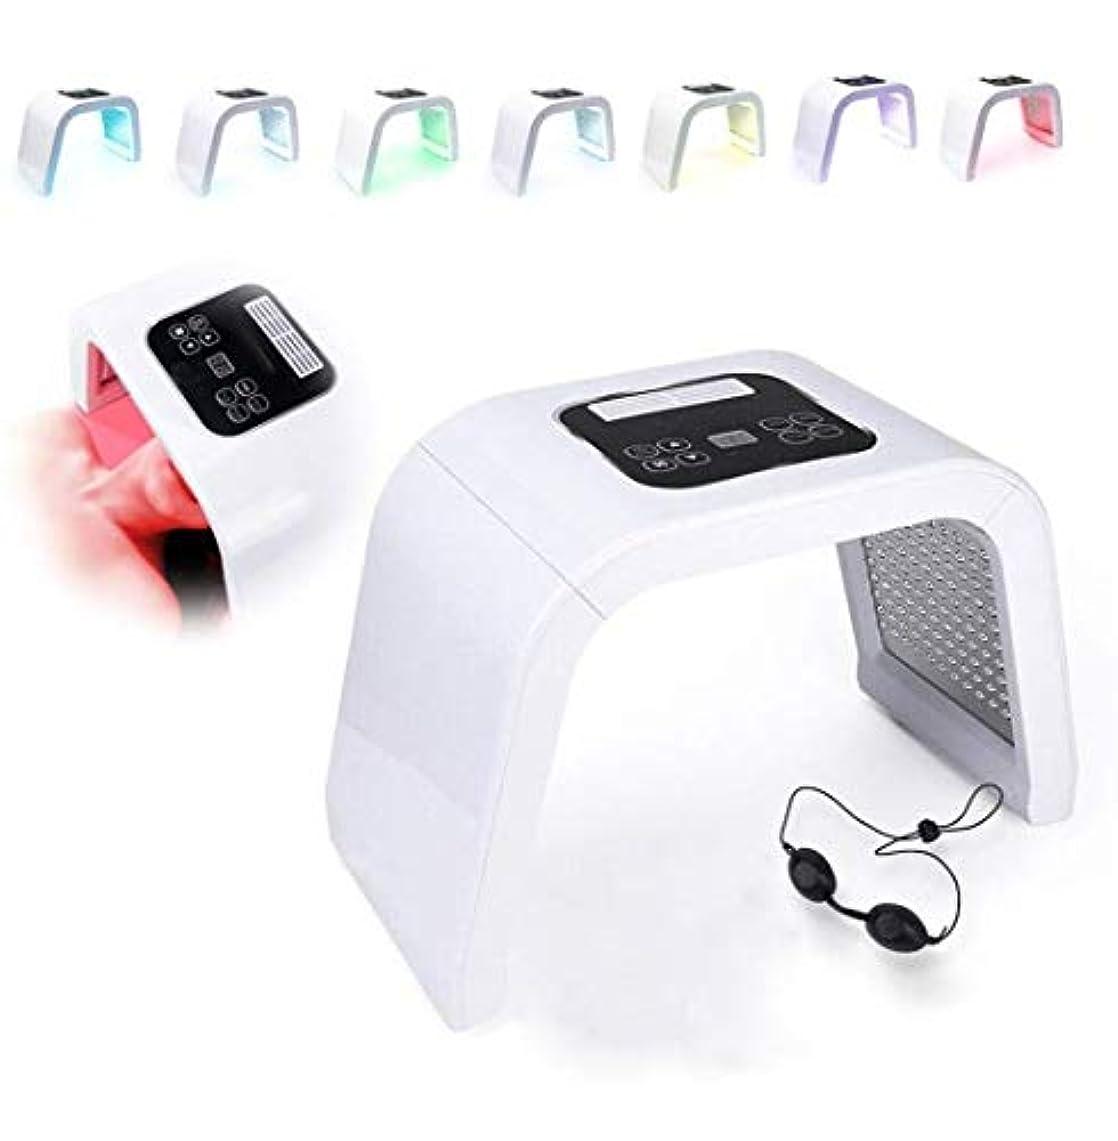 ヒップカプセルガイド7色の肌の若返り美容機器、サロンSPA美容スチーマー機器のためのアンチエイジングLEDフェイスフォトンライトセラピー